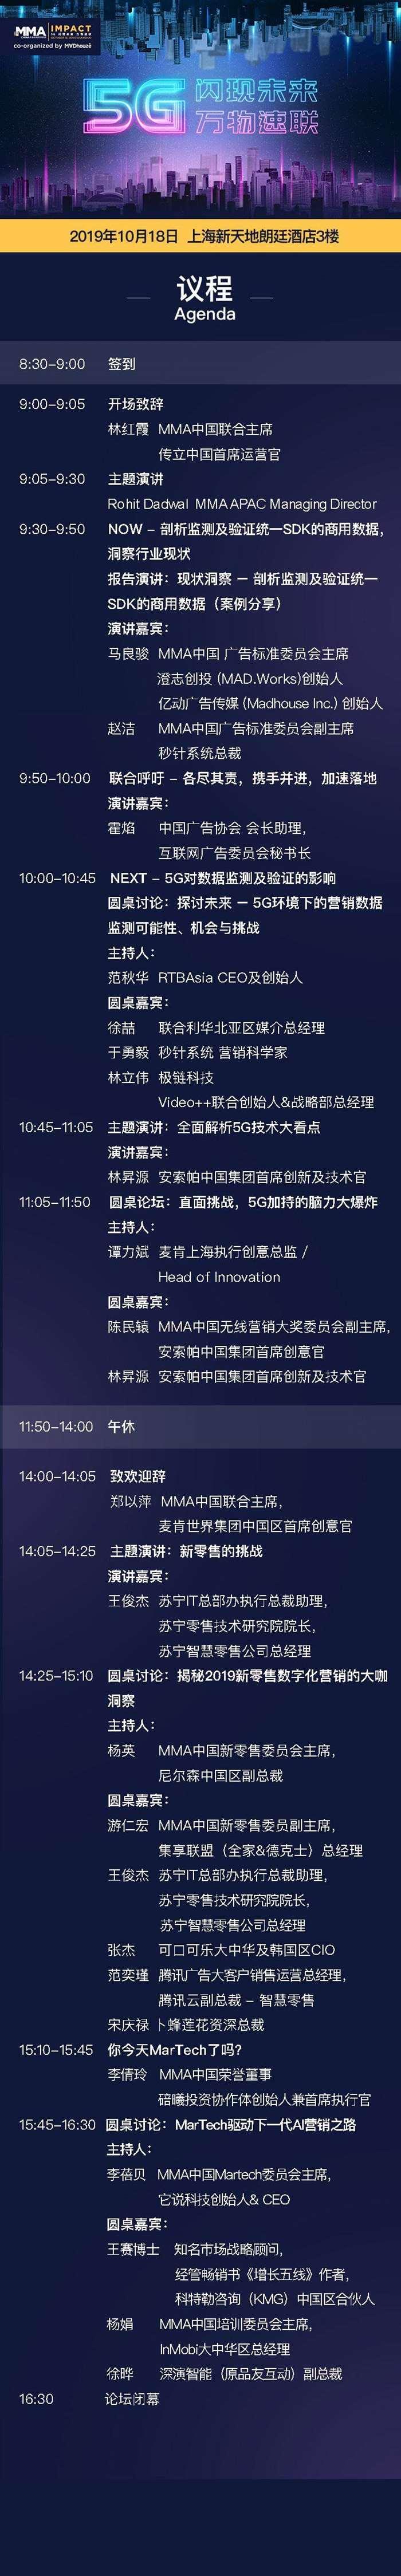 agenda 议程r6.jpg